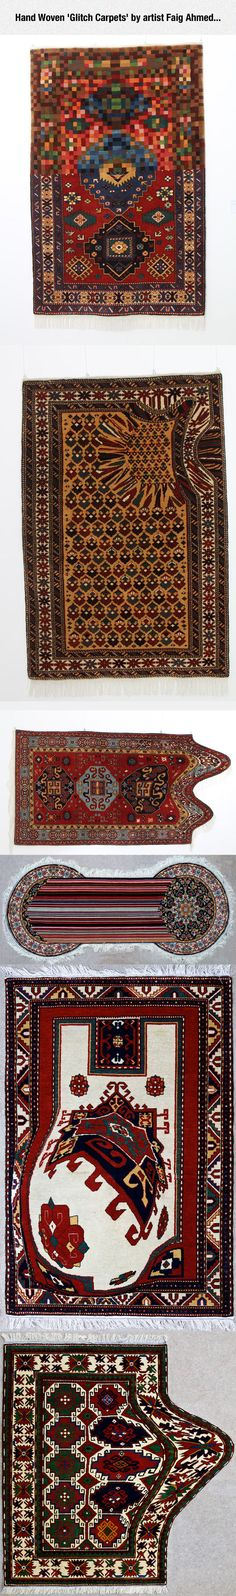 Glitch Carpets Are Incredible